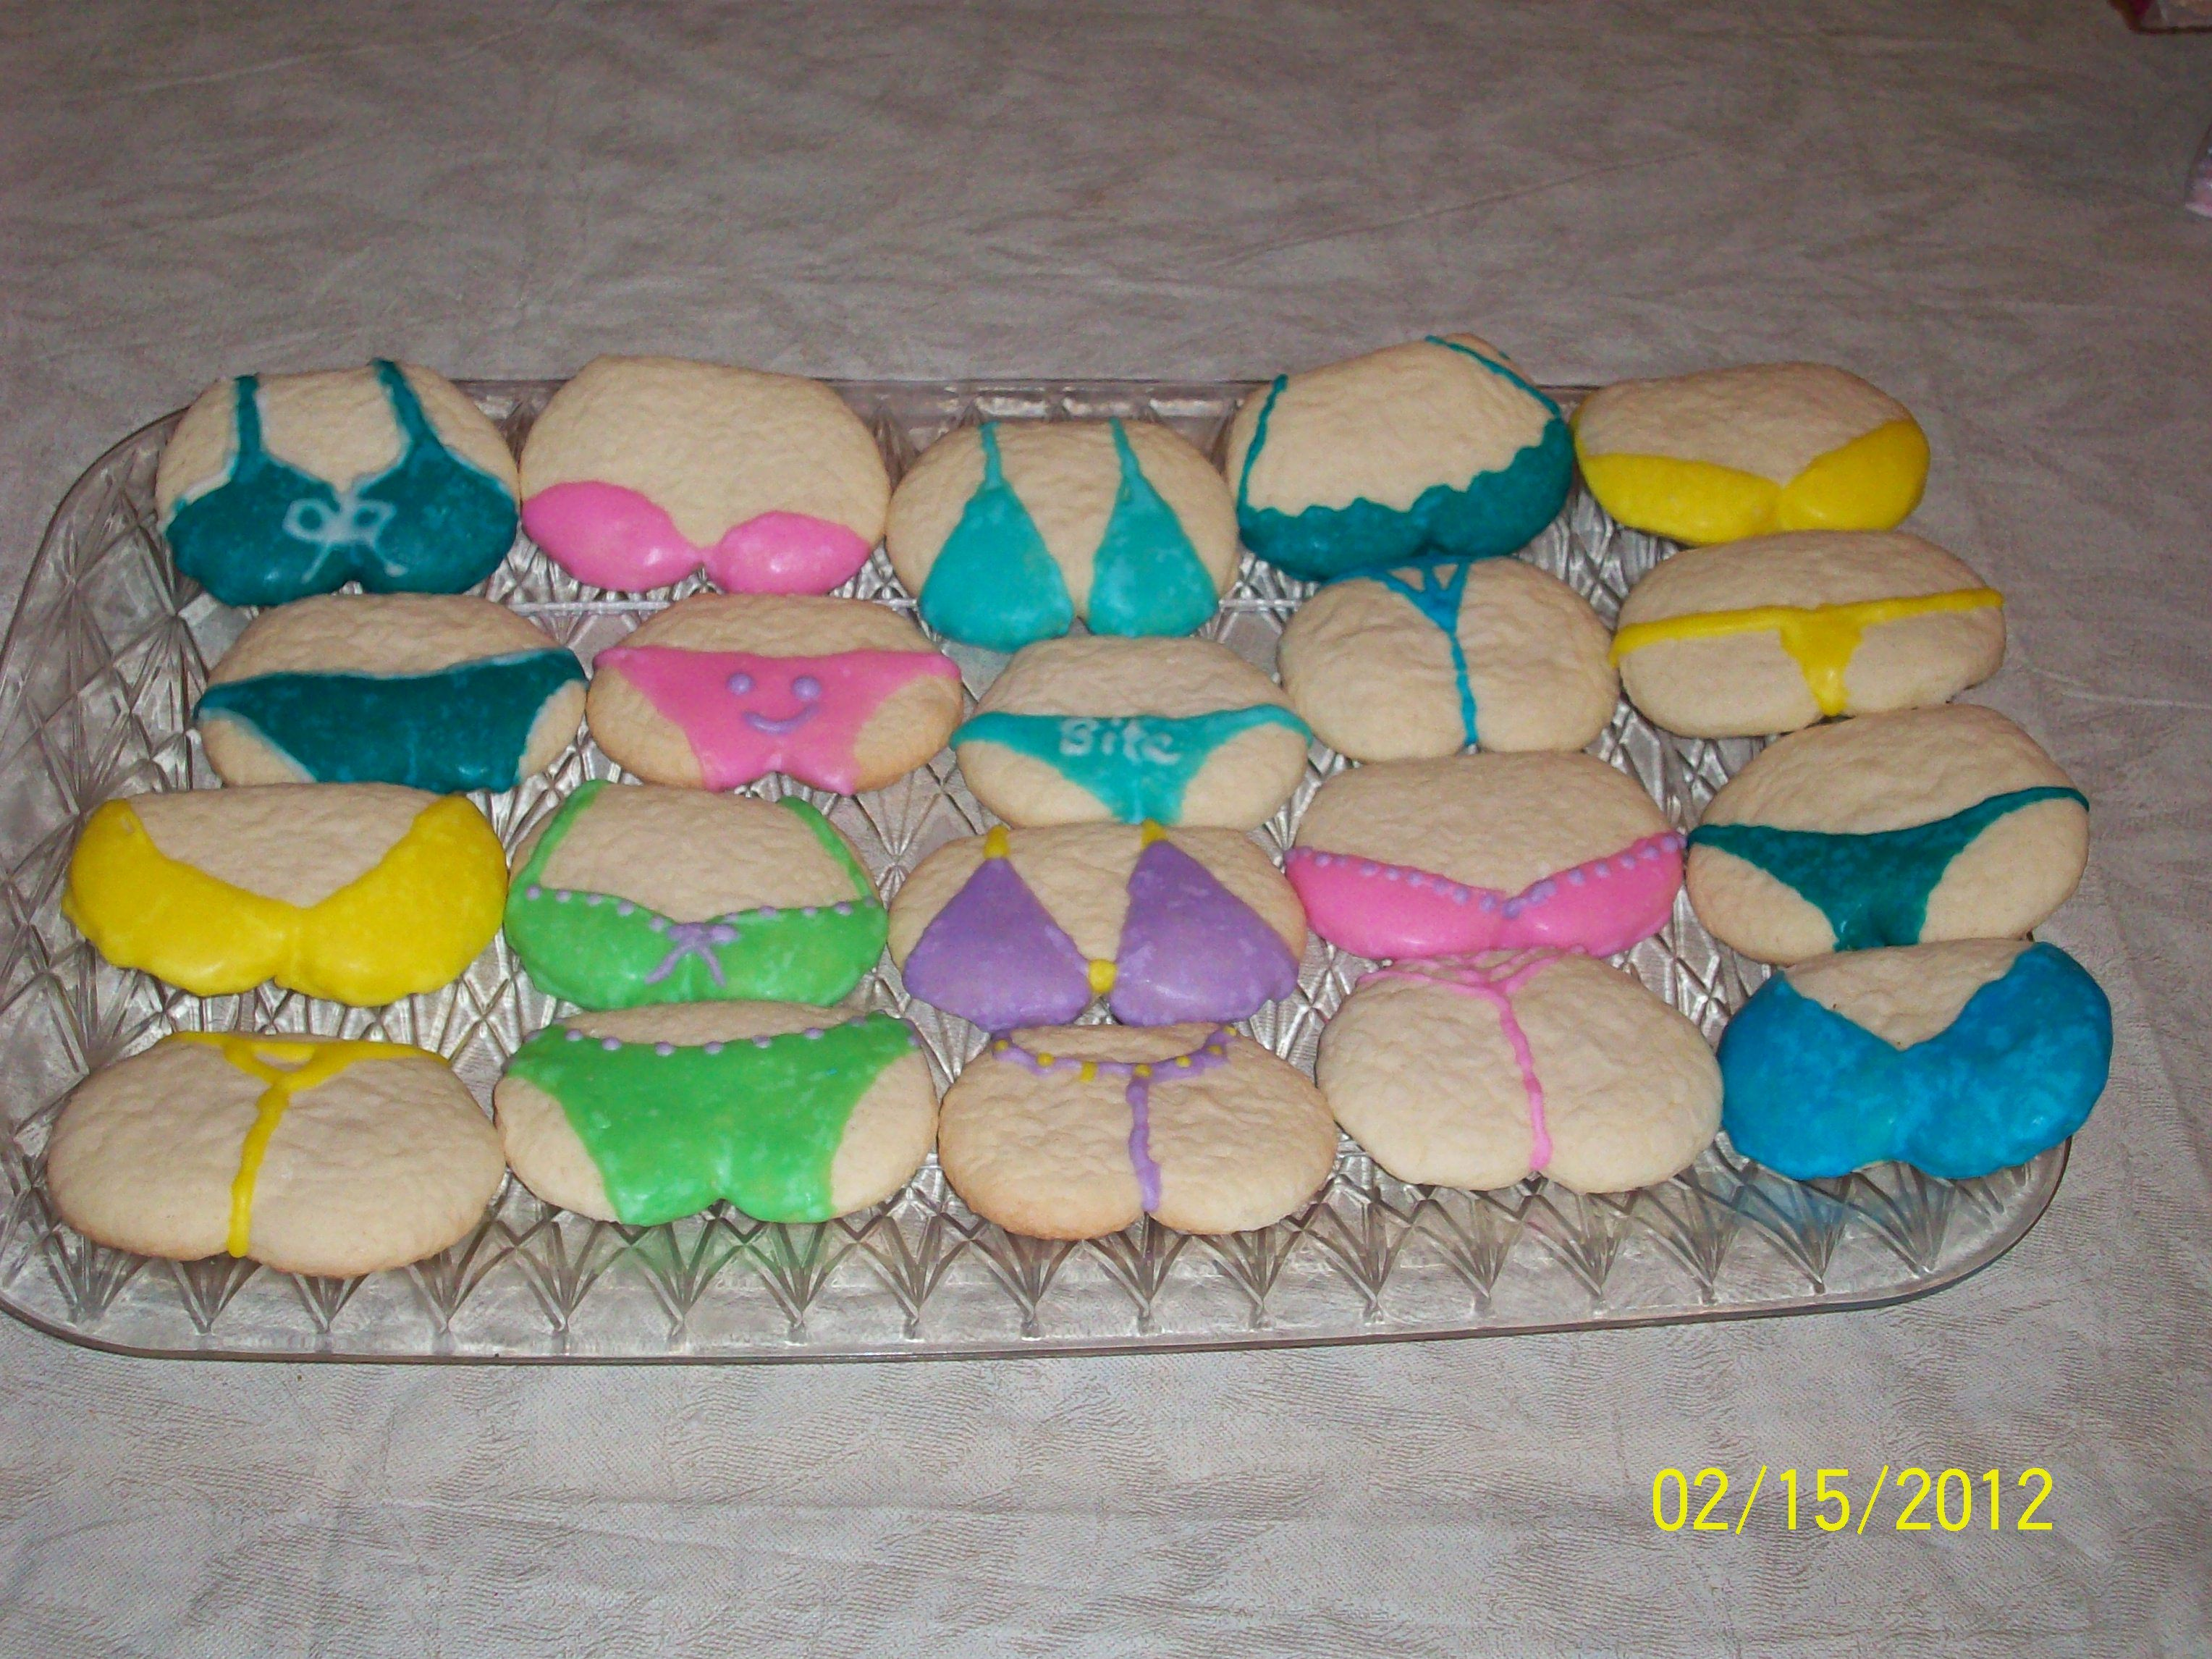 Bra & Panty (or bikini) sugar cookies